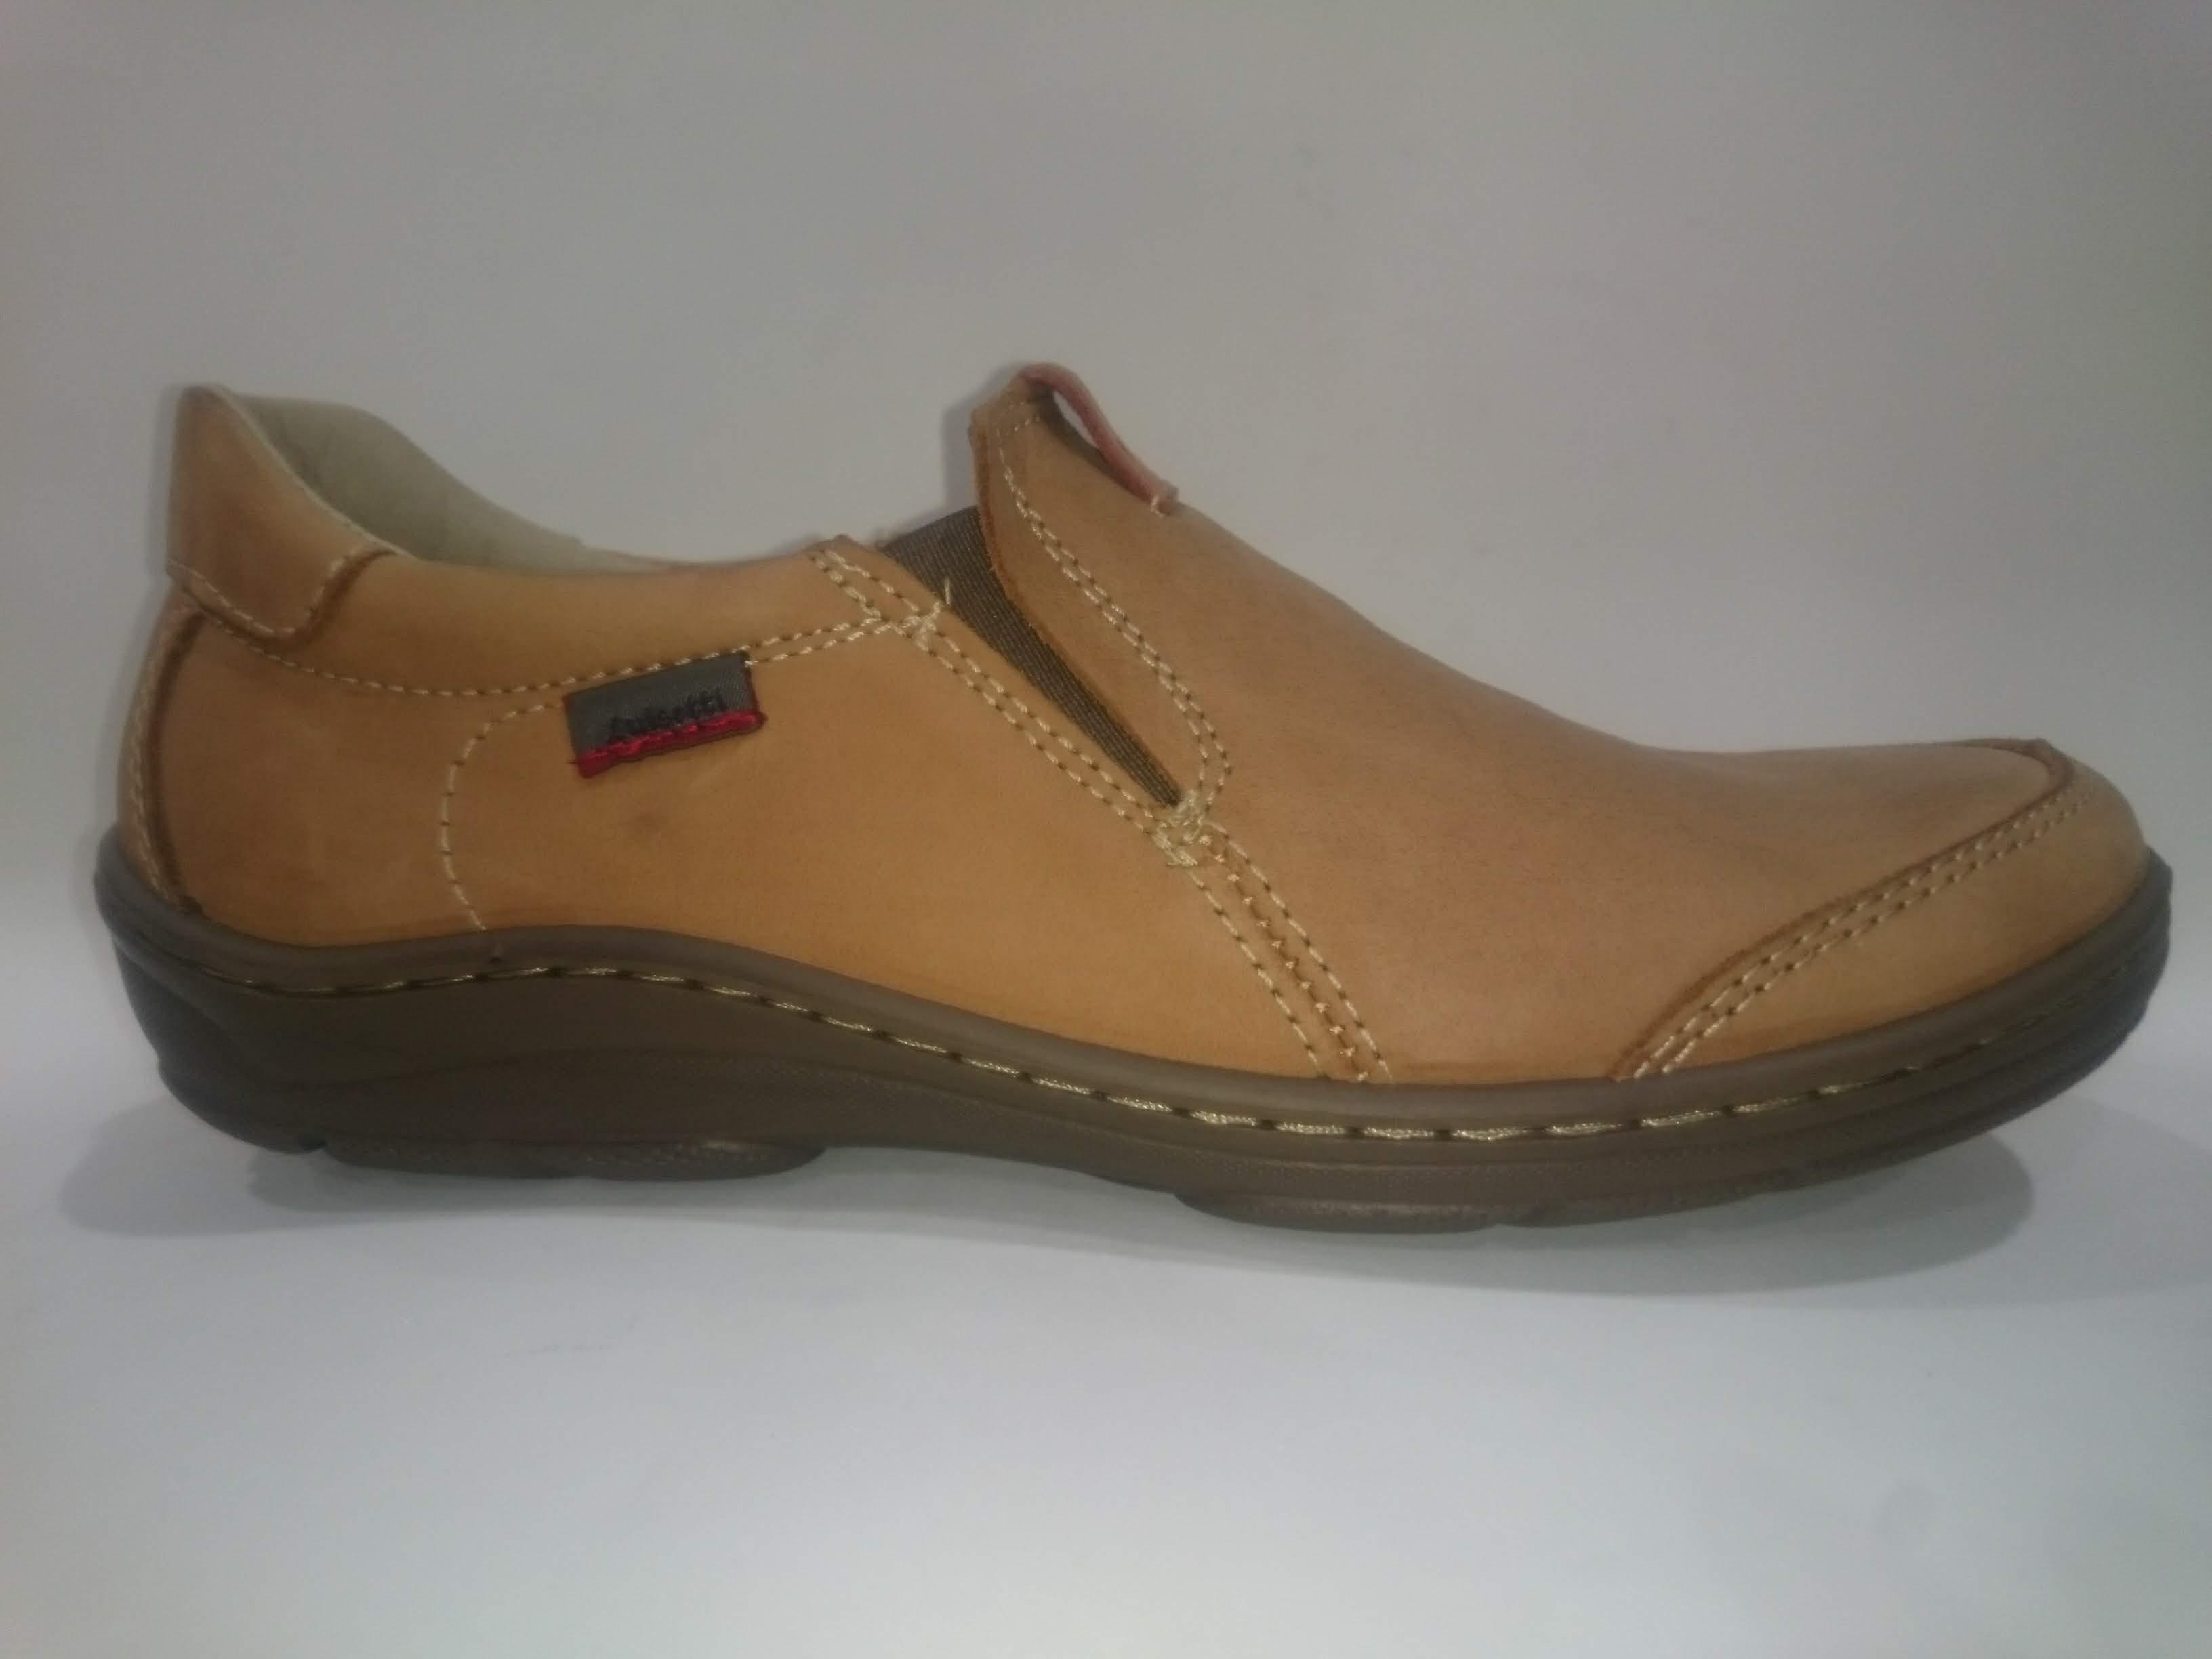 Zapato nobuck Luisetti